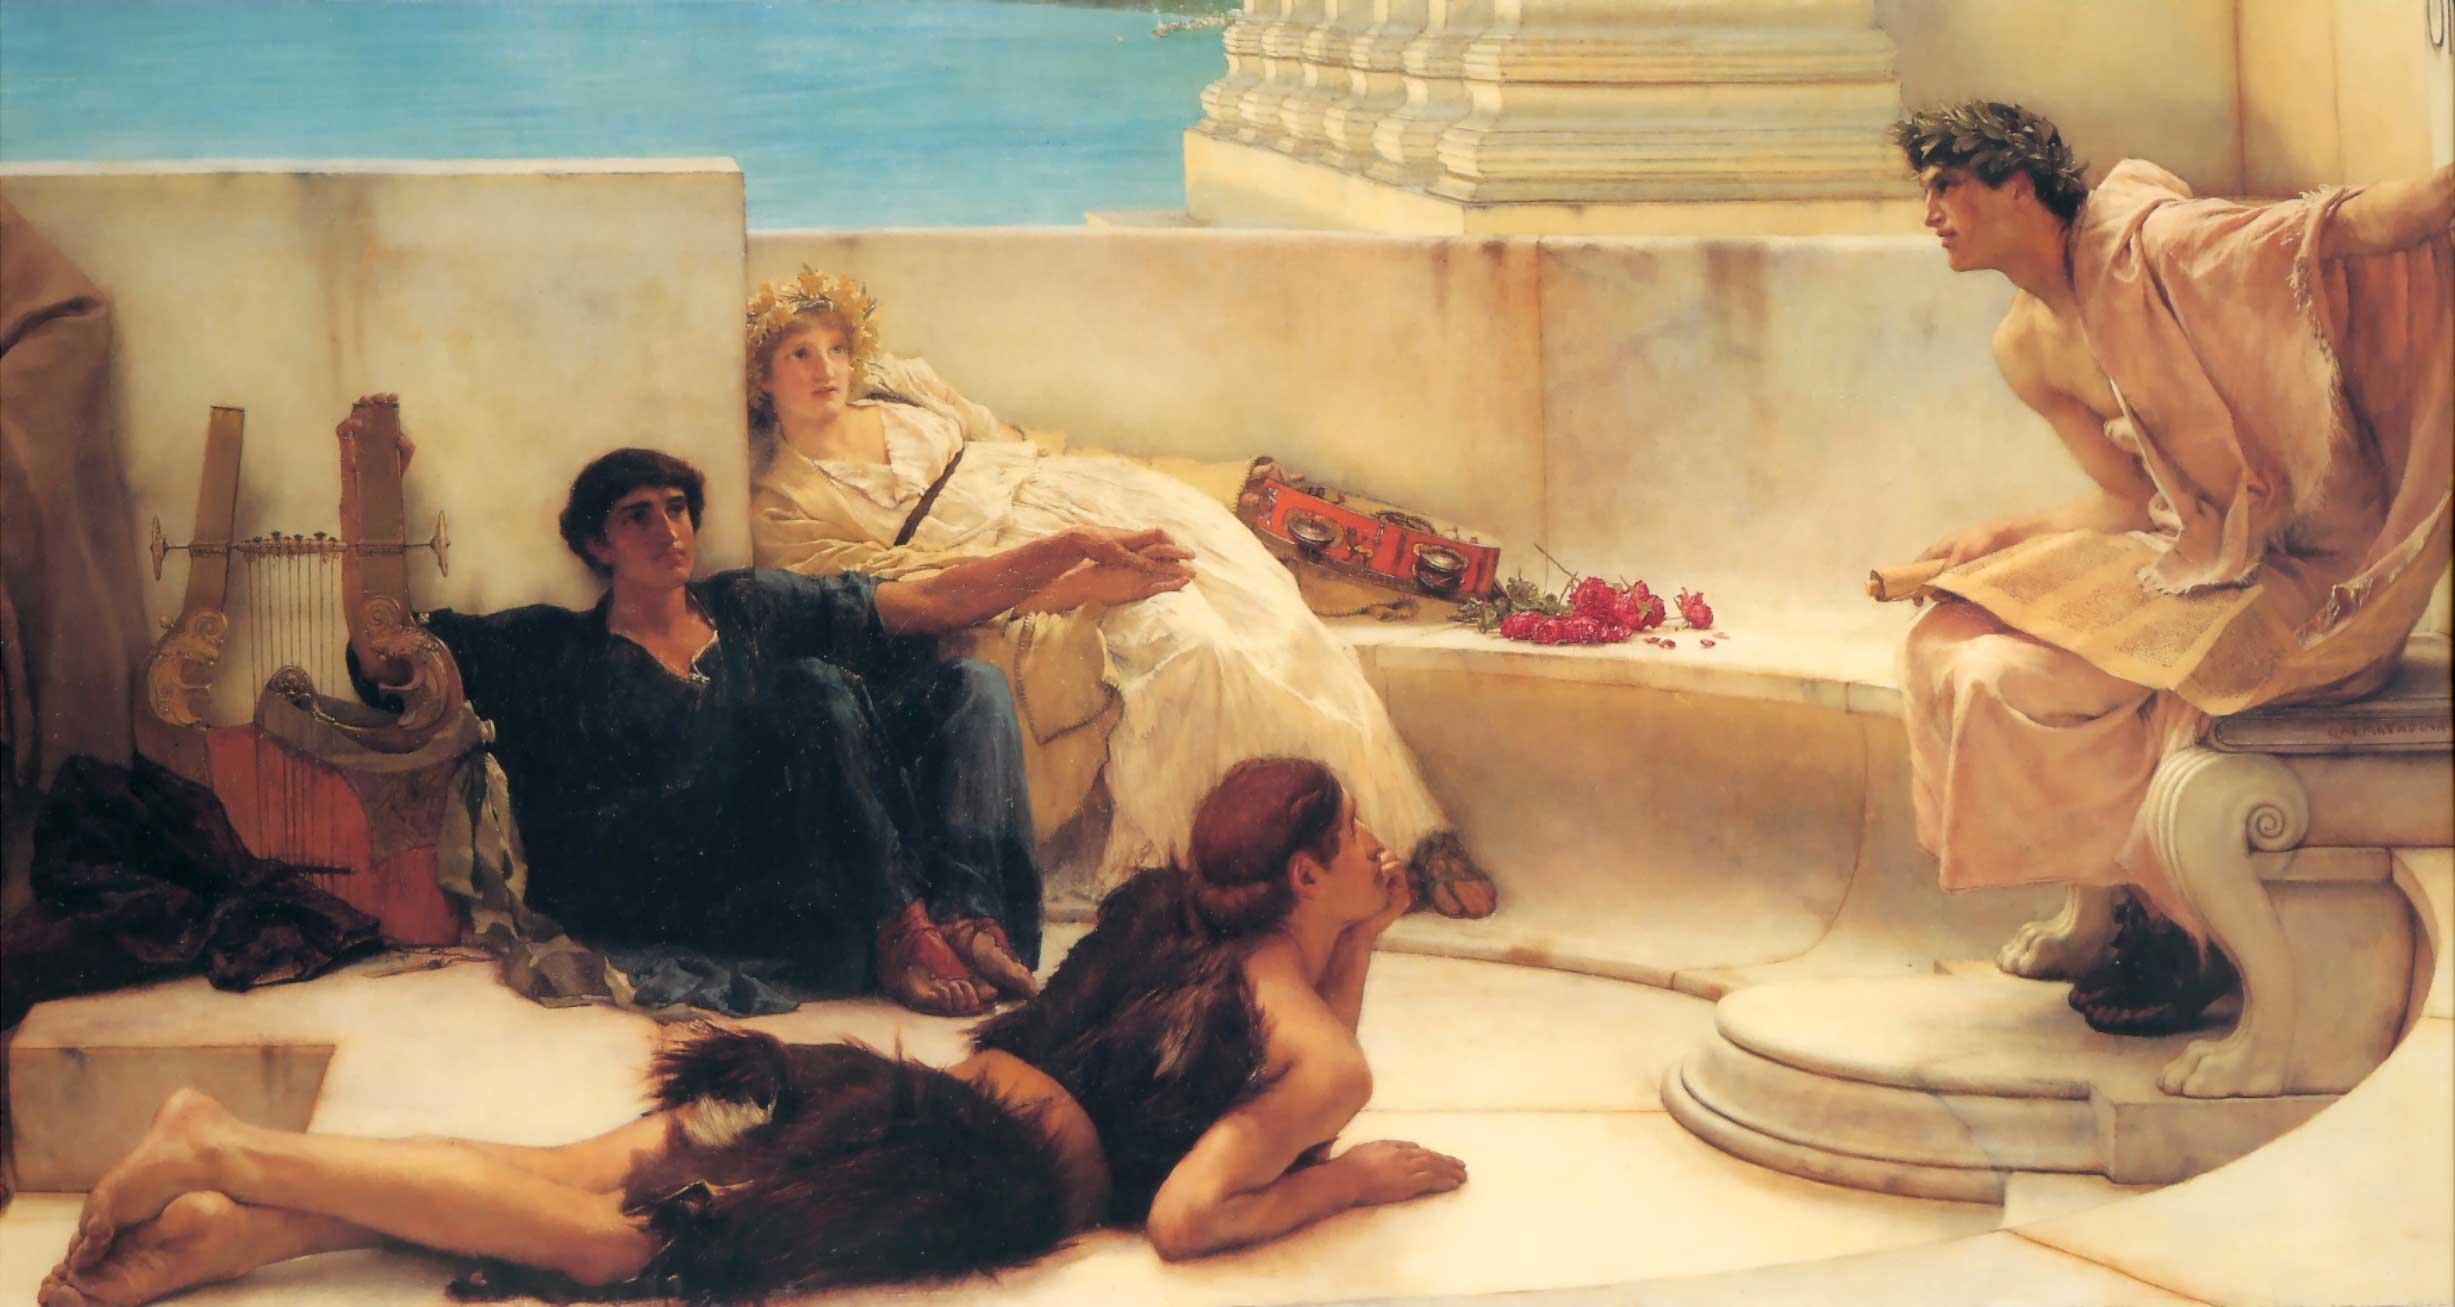 Iliade ed Eneide